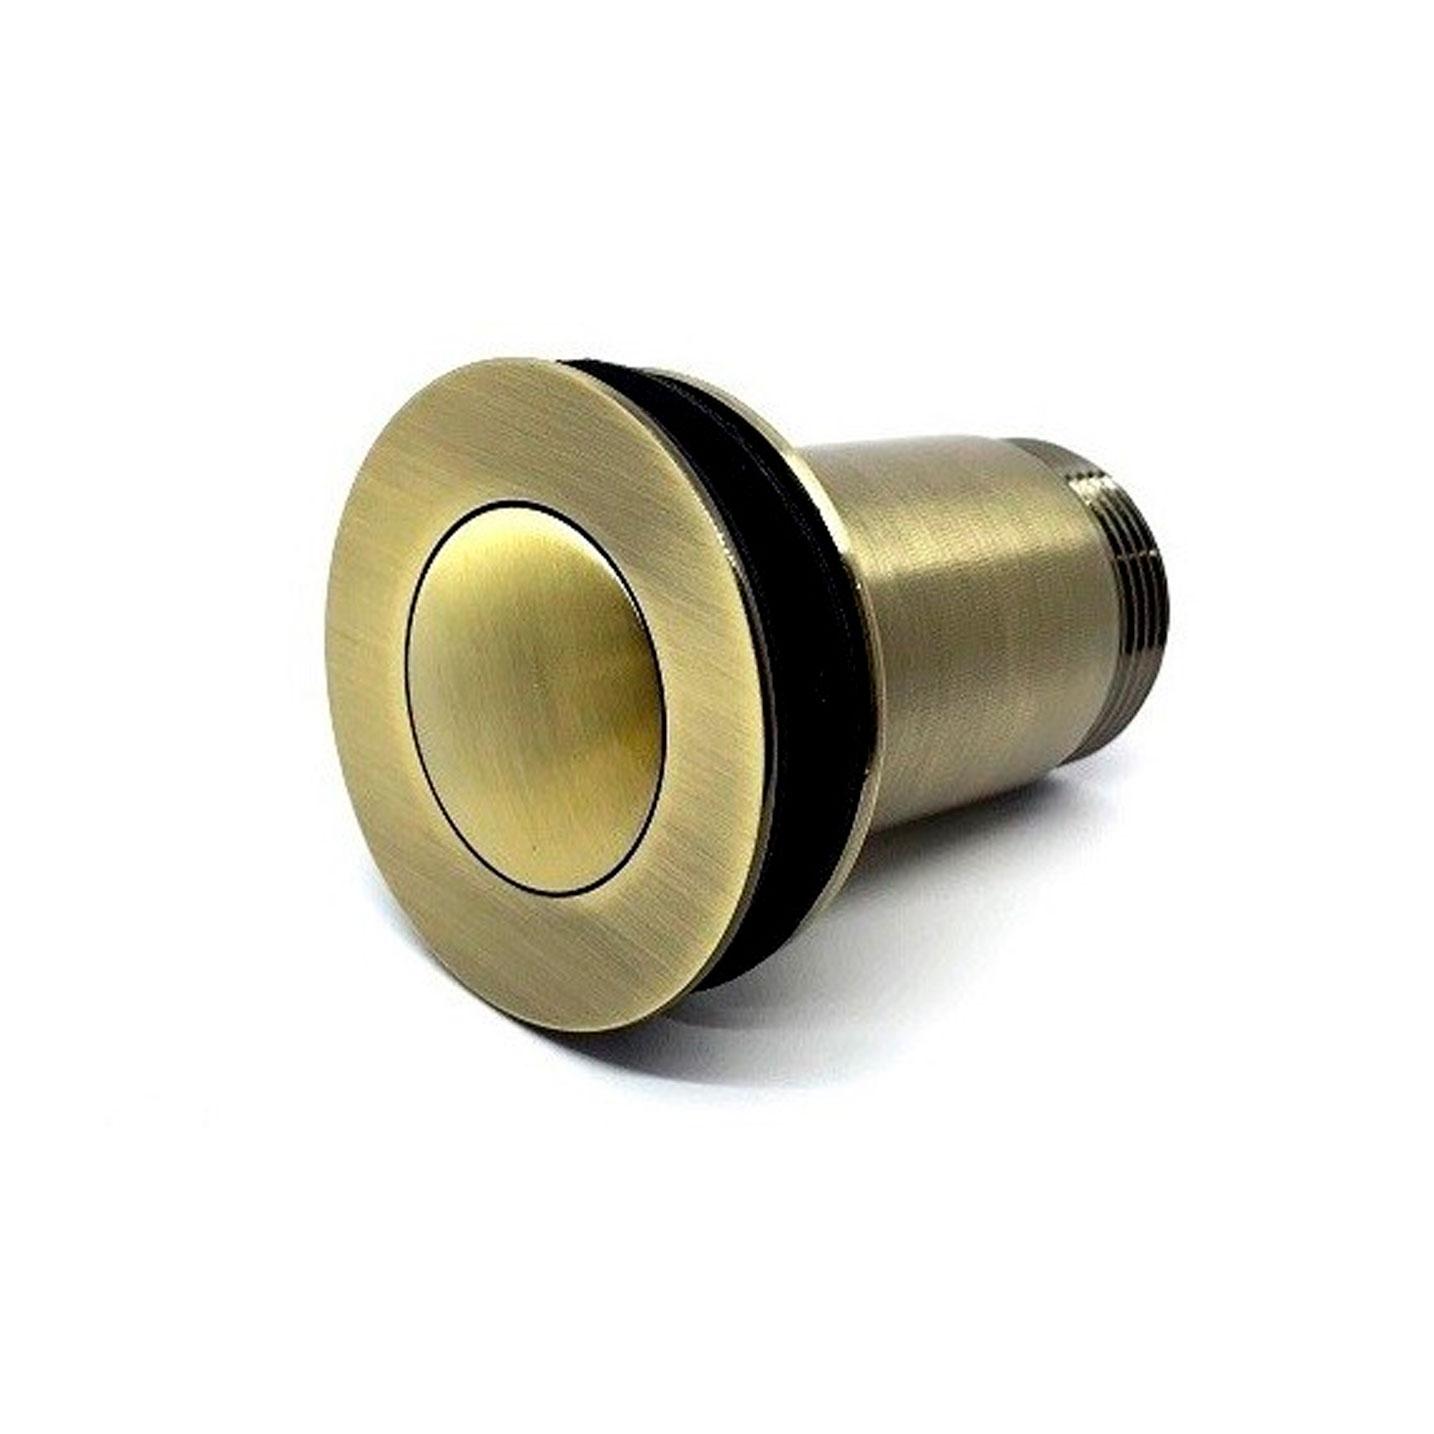 a6-Valvula-clic-clac-universal-tapa-pequena-bronce-laton